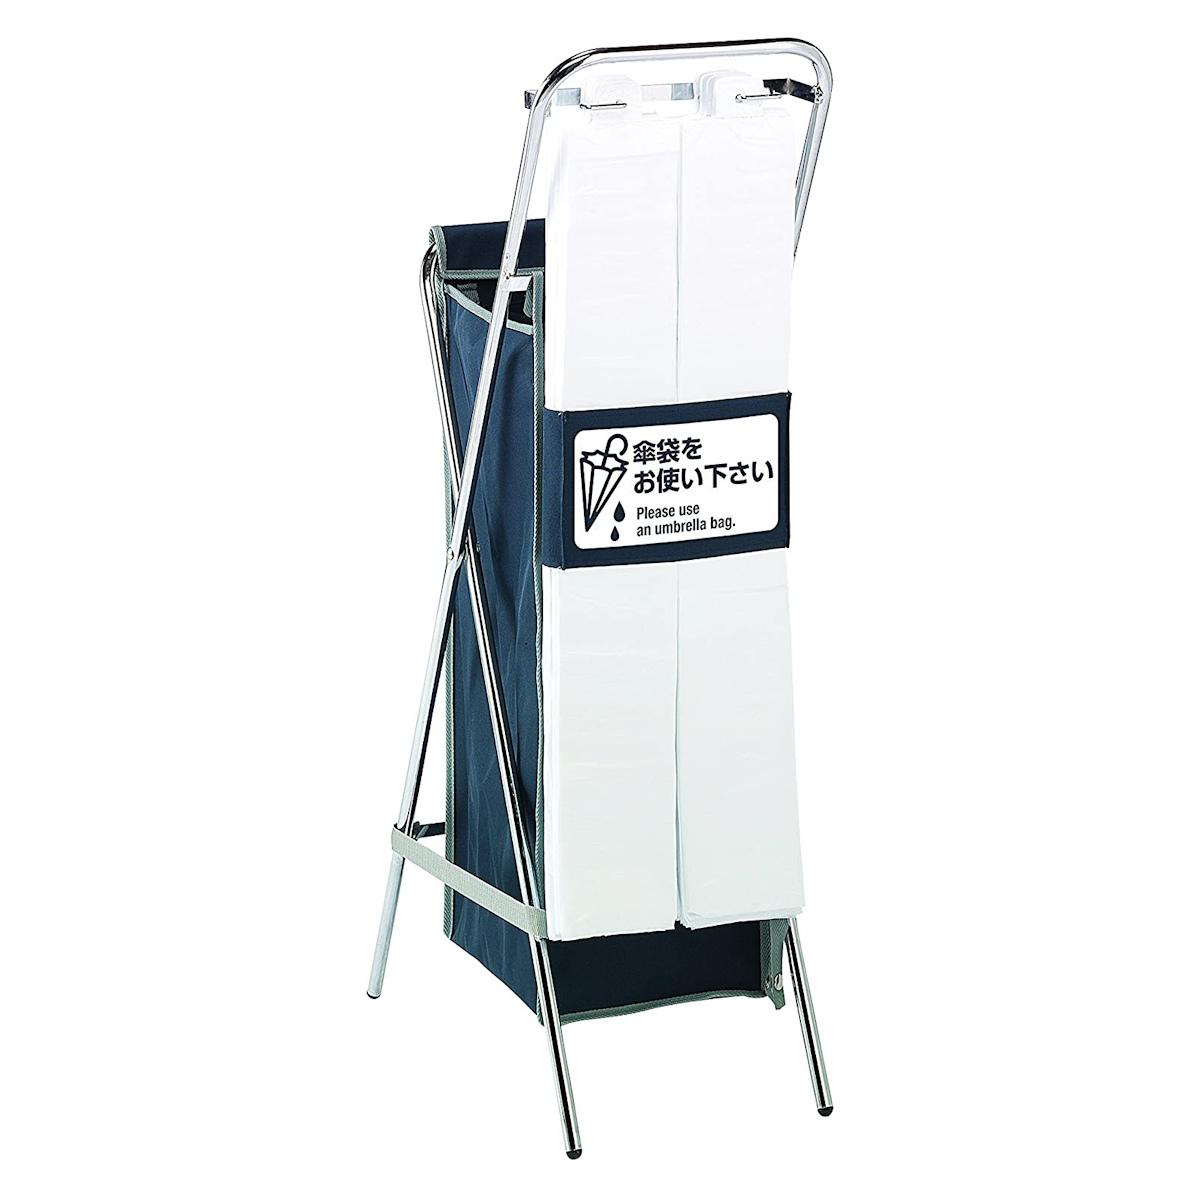 傘袋スタンド 折りたたみ式 ( 送料無料 傘袋入れ 傘袋ホルダー ) 【4500円以上送料無料】